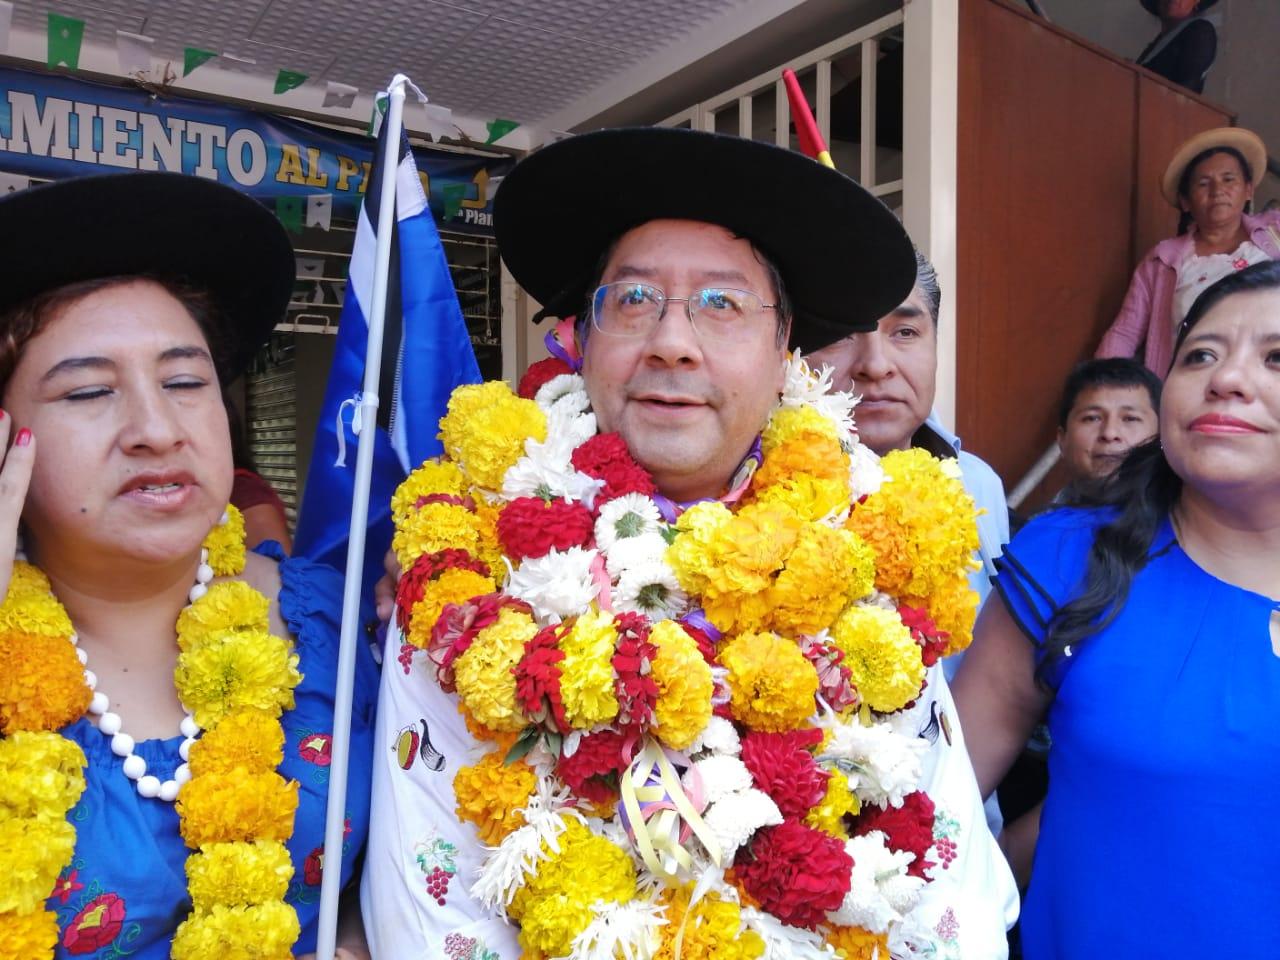 ¿Qué propone Luis Arce? El favorito de los bolivianos que la dictadura de Áñez pretende inhabilitar